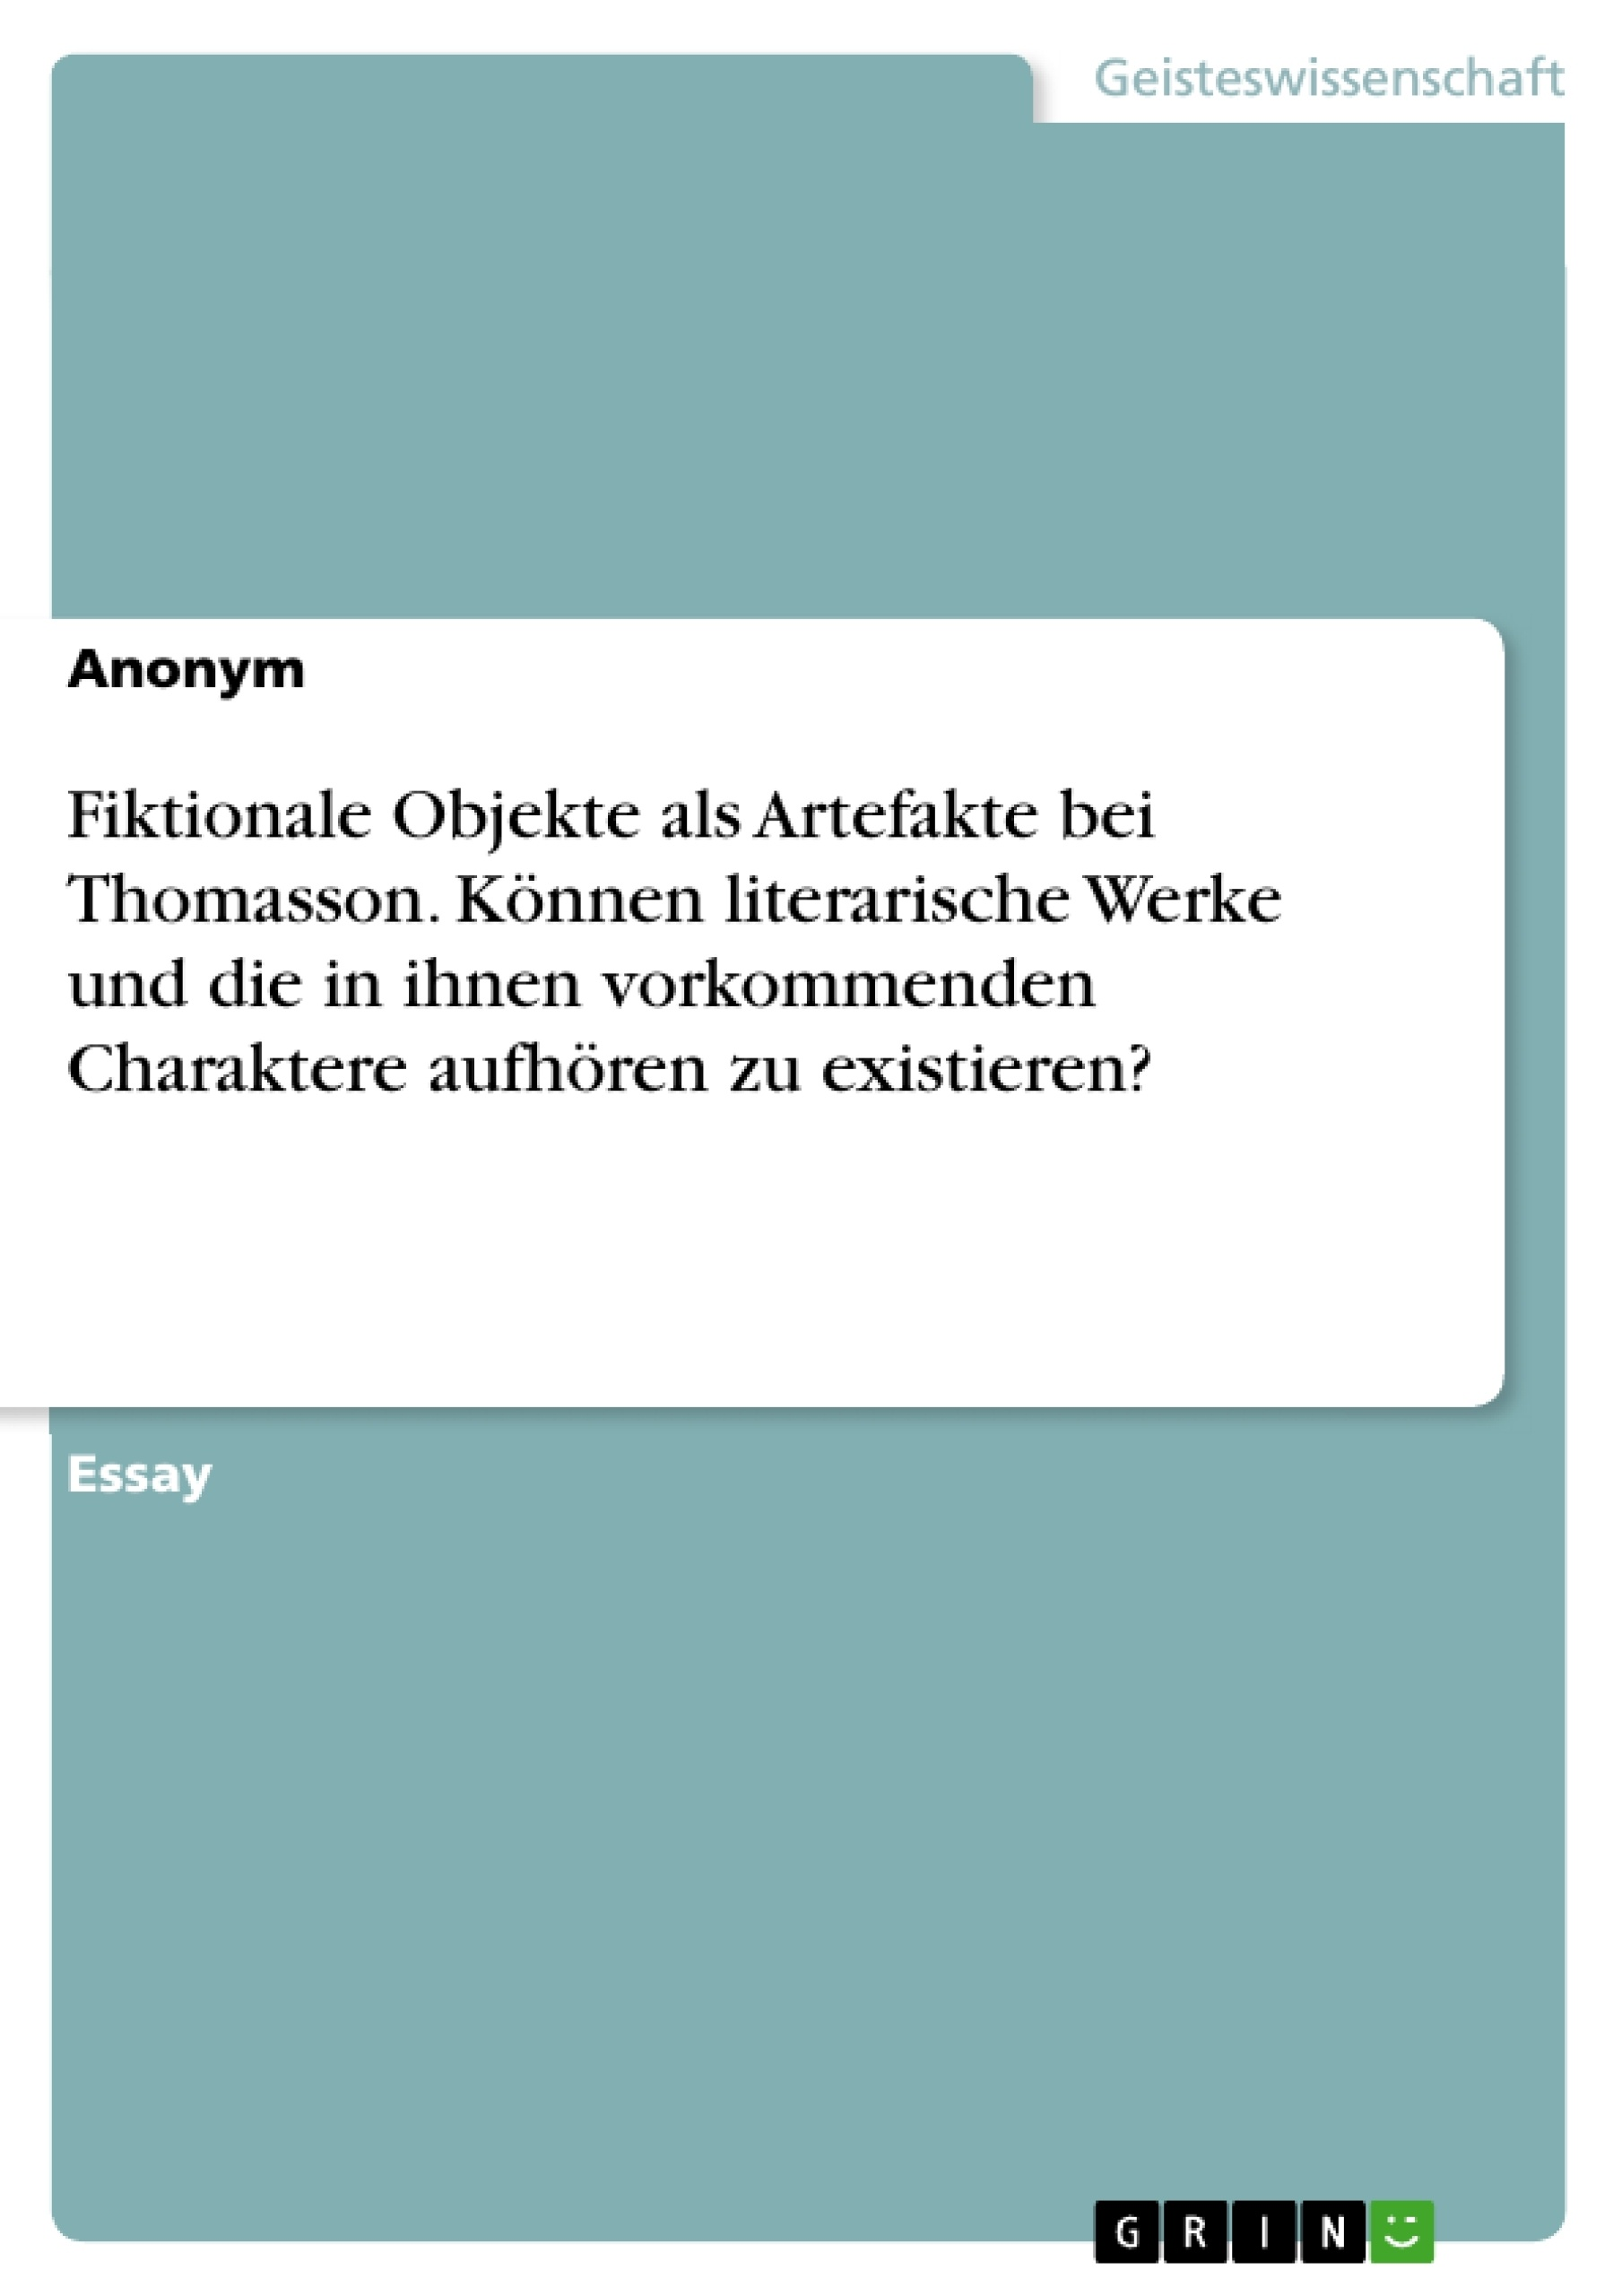 Titel: Fiktionale Objekte als Artefakte bei Thomasson. Können literarische Werke und die in ihnen vorkommenden Charaktere aufhören zu existieren?